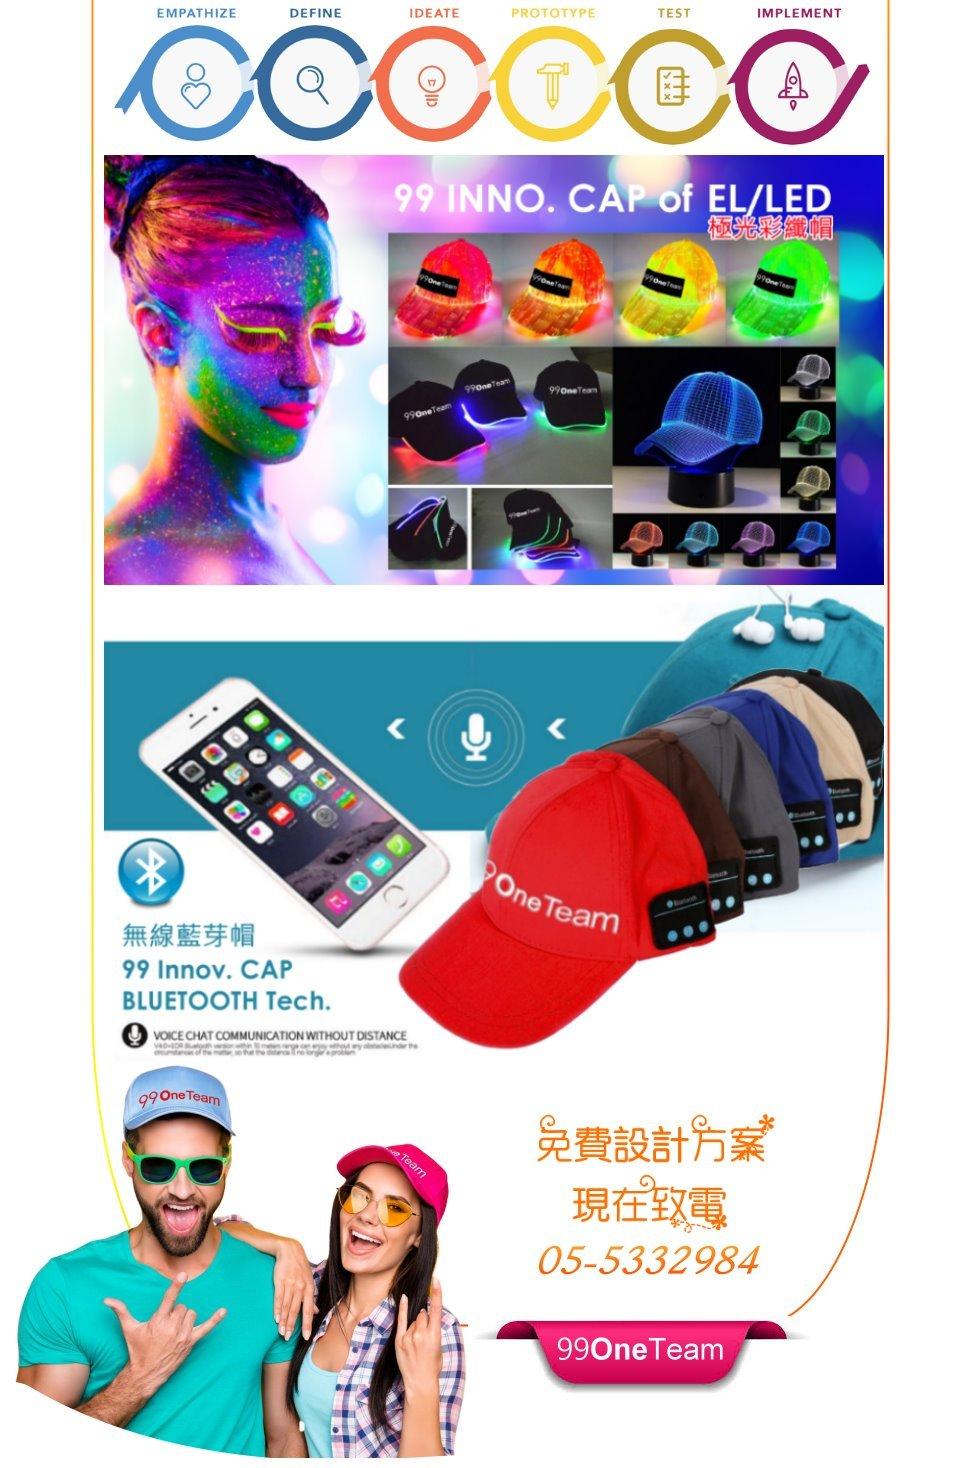 團體帽子款式推薦-帽子材質介紹-好看的帽子